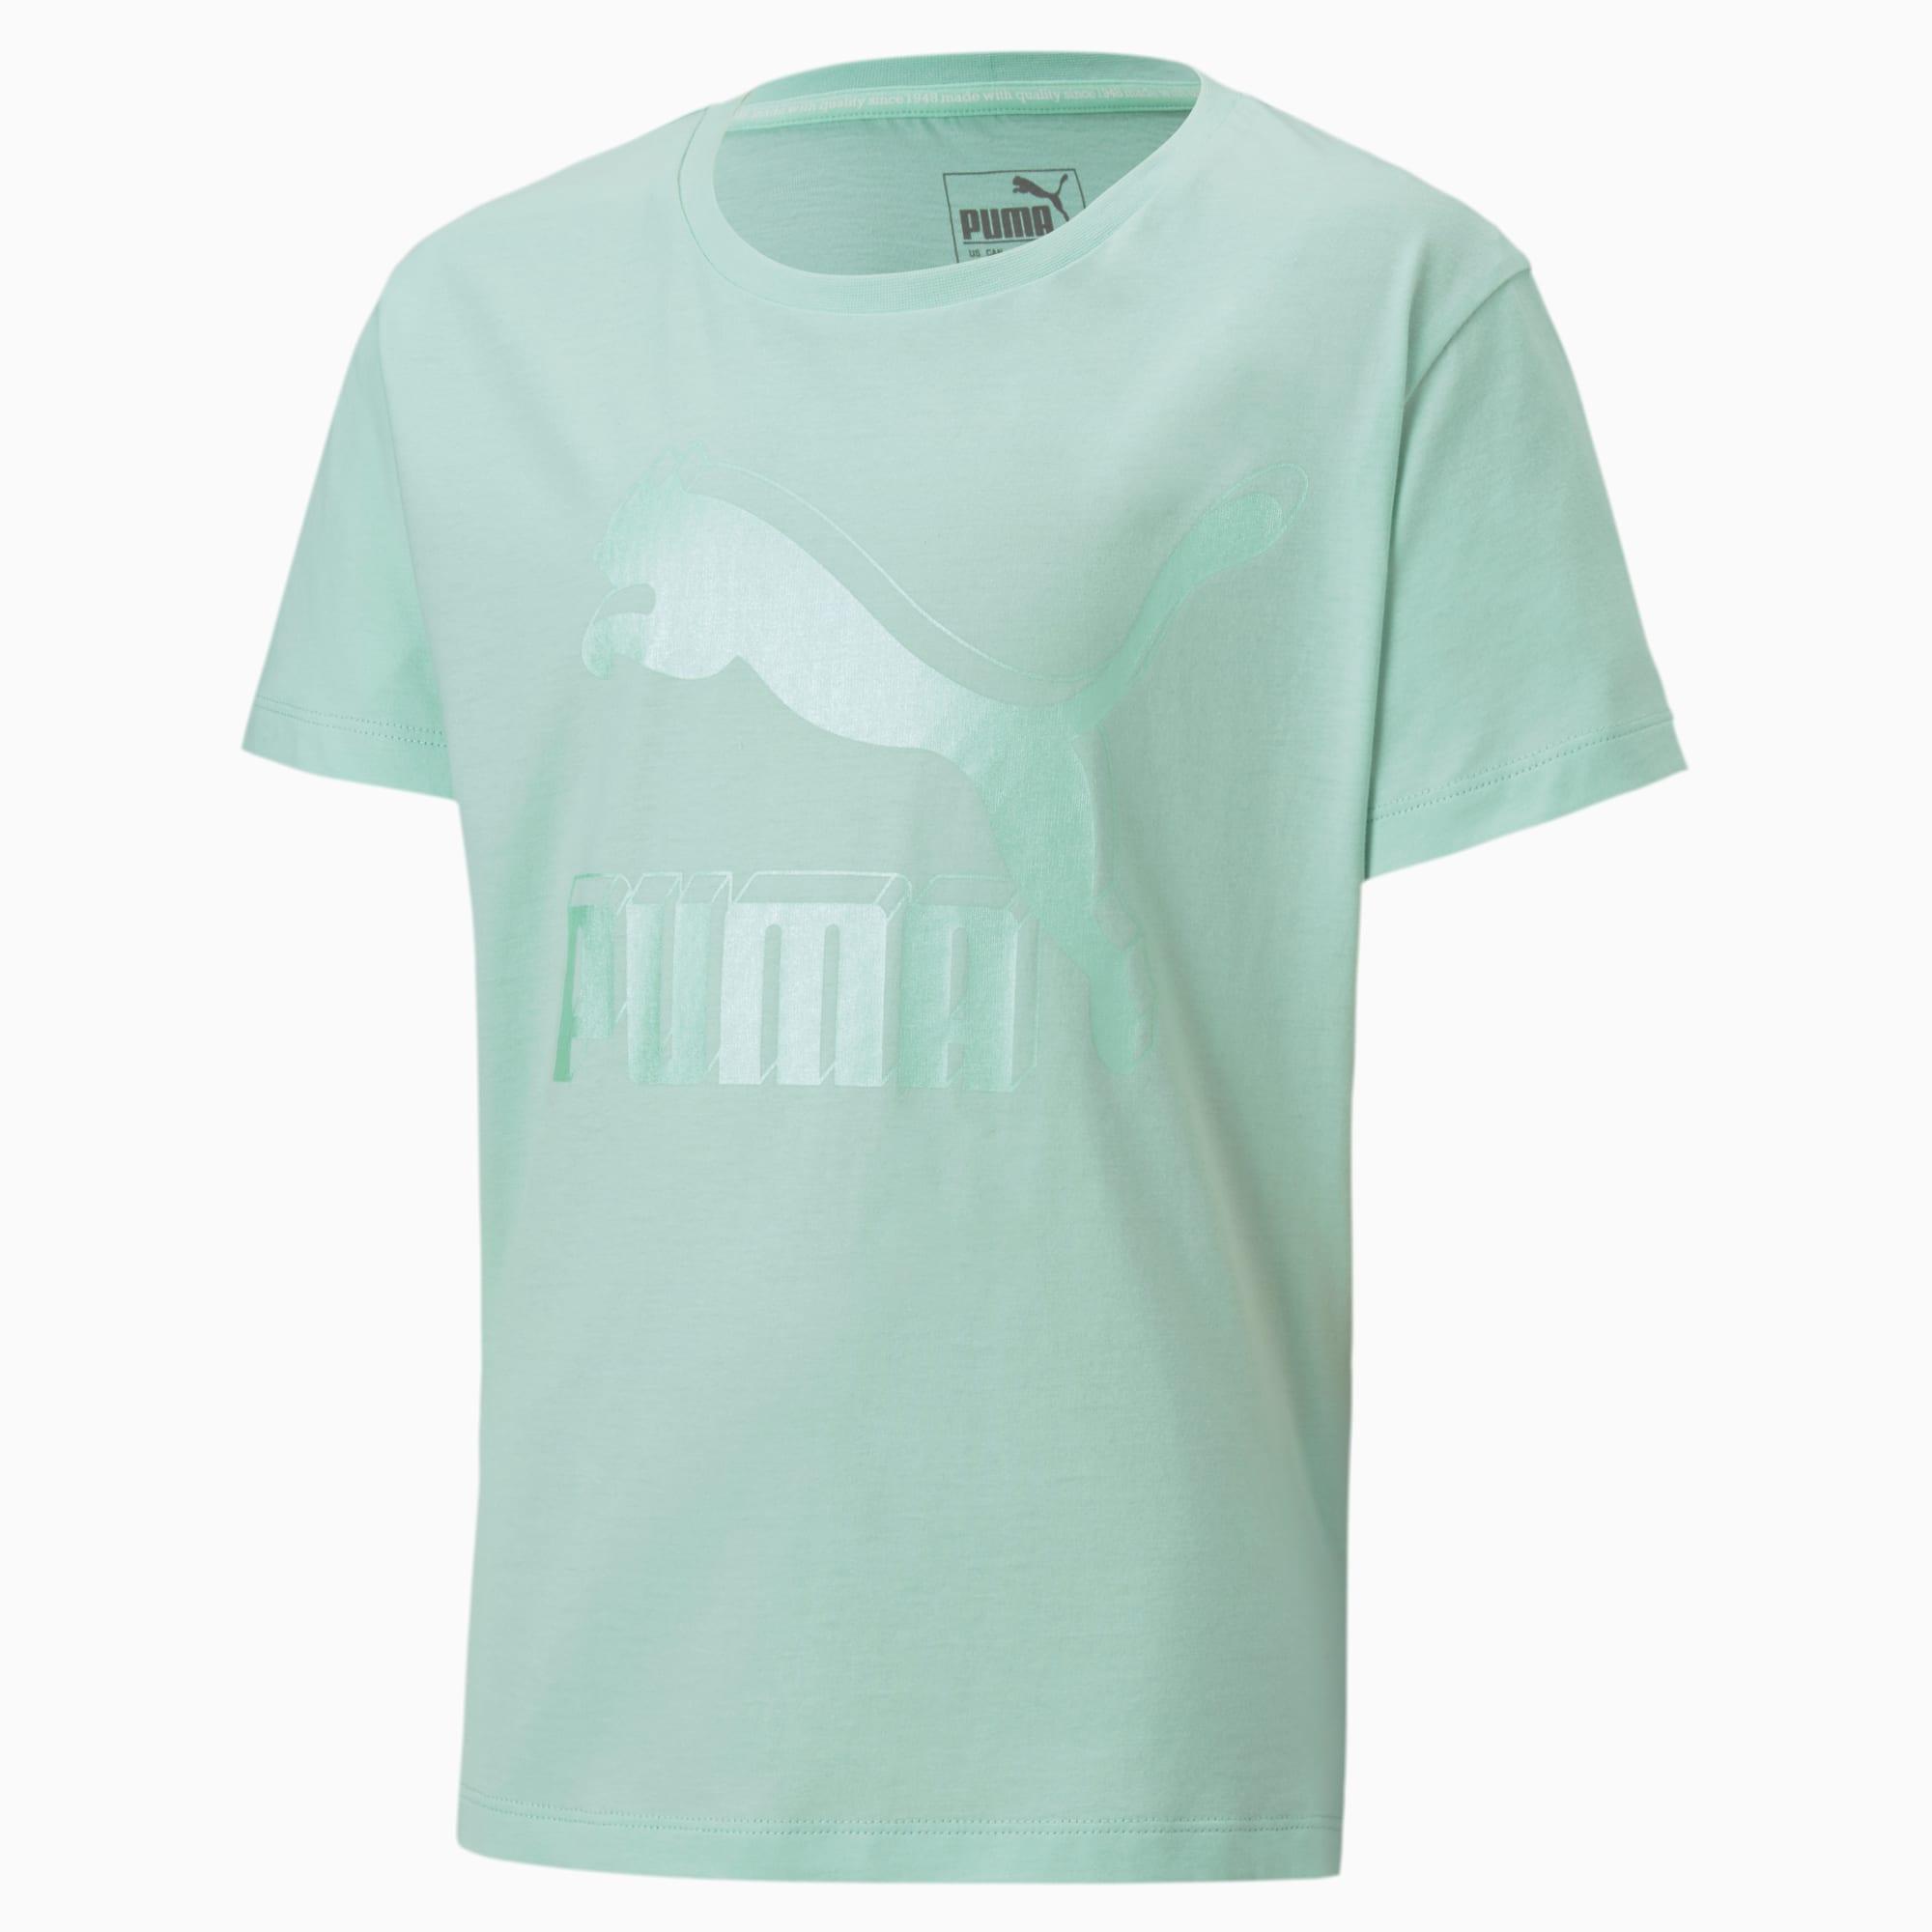 PUMA T-Shirt Classics Graphic pour fille, Vert, Taille 110, Vêtements